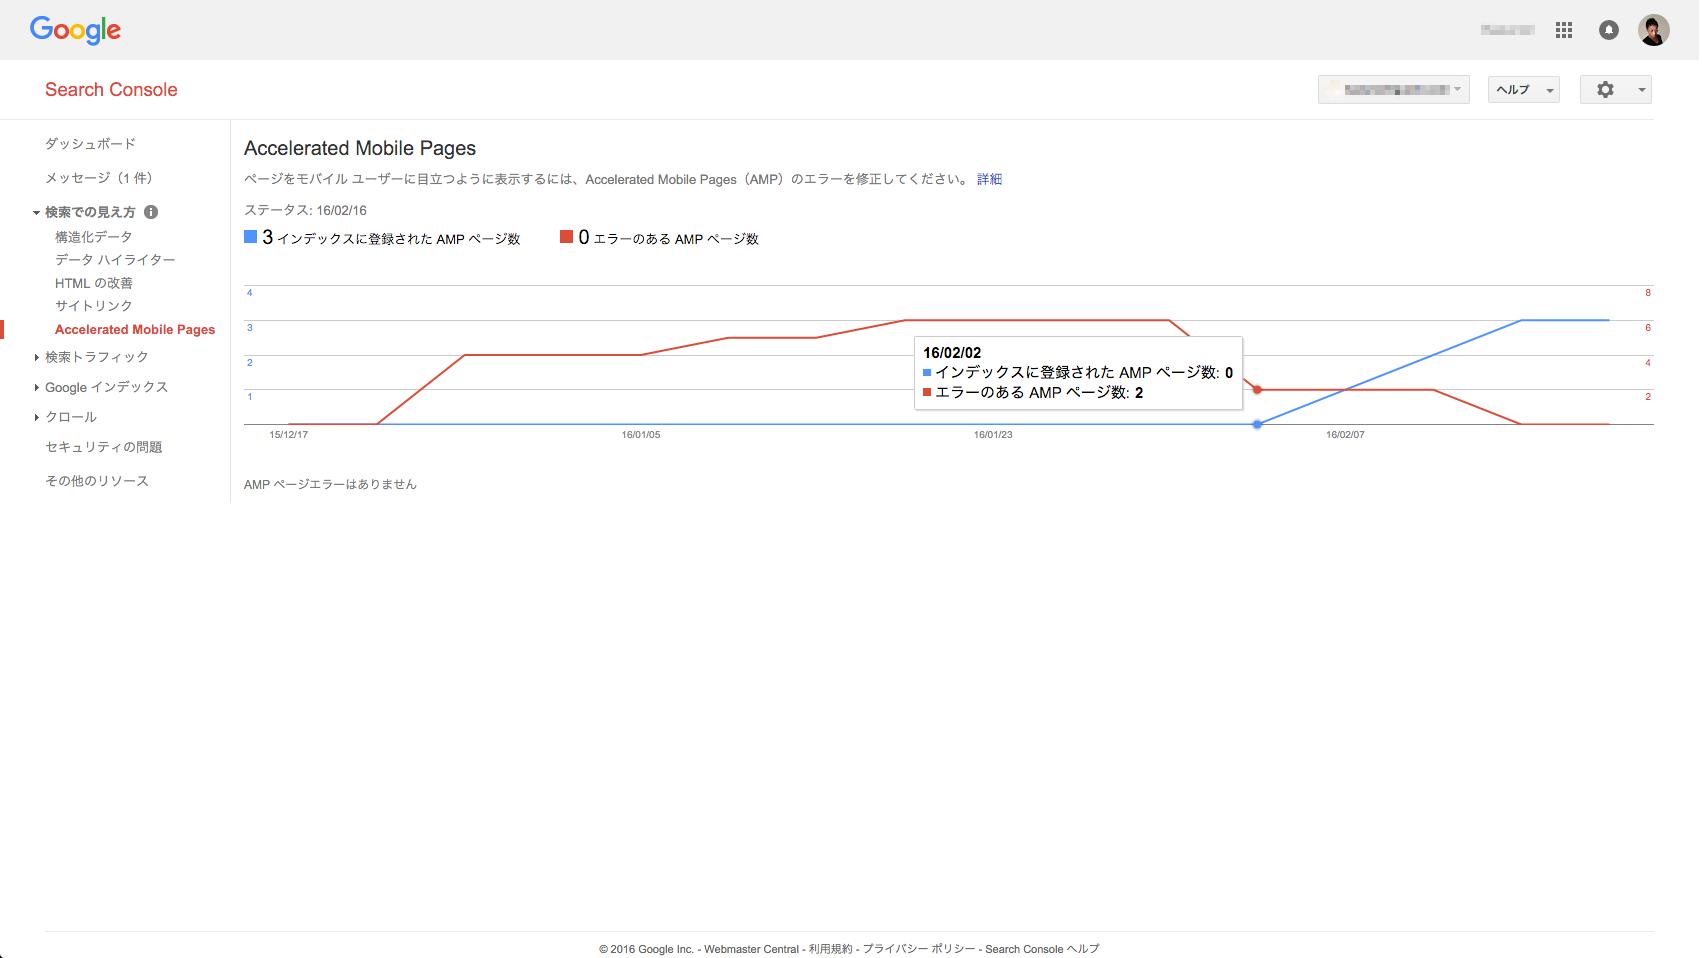 GoogleのAMPページのインデックスが2016/2/2に増加・変動した様子